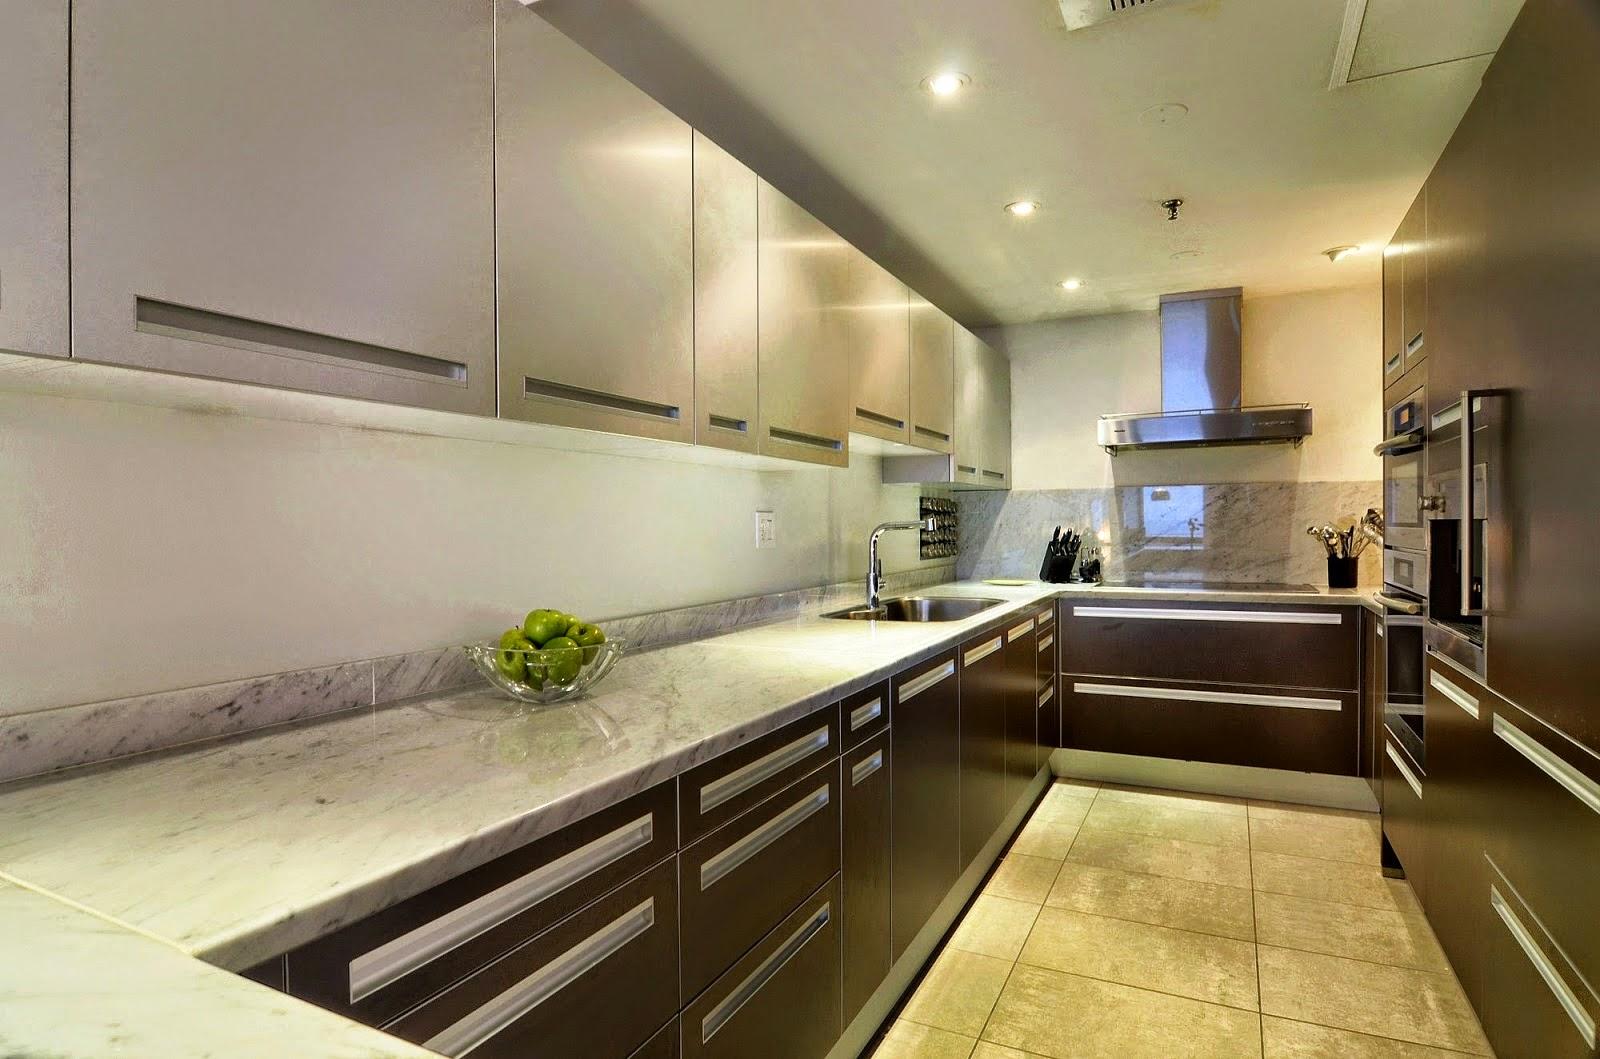 Contoh Gambar Desain Ruang Dapur Minimalis